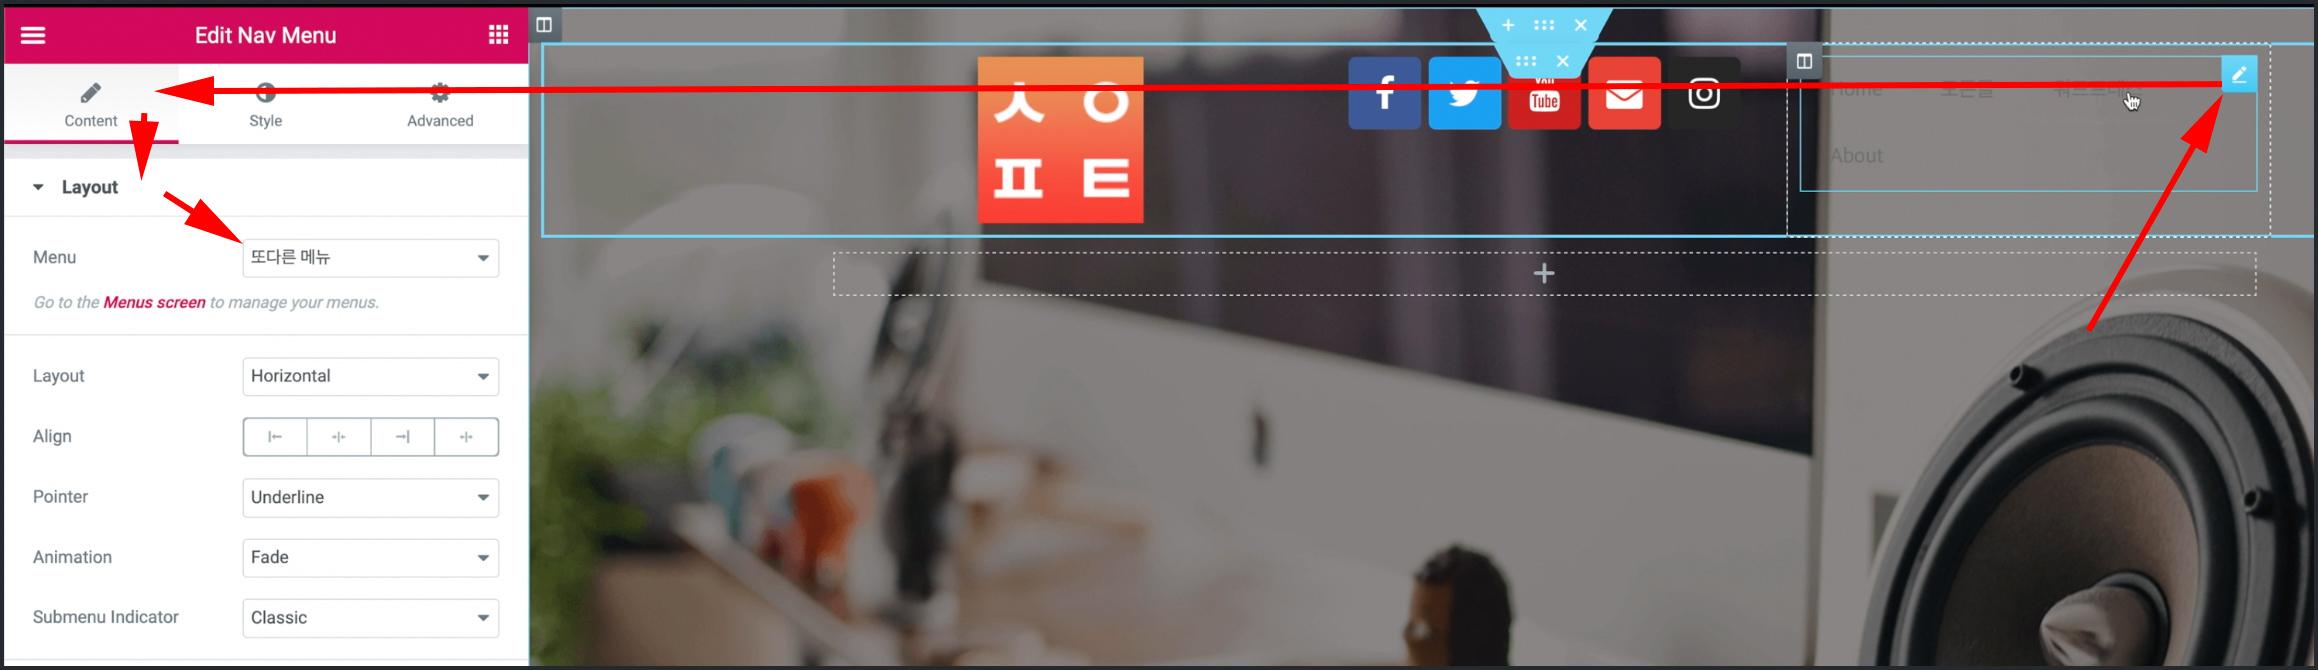 Nav Menu 위젯선택, 콘텐트탭의 레이아웃에서 Menu 항목에서 메뉴선택